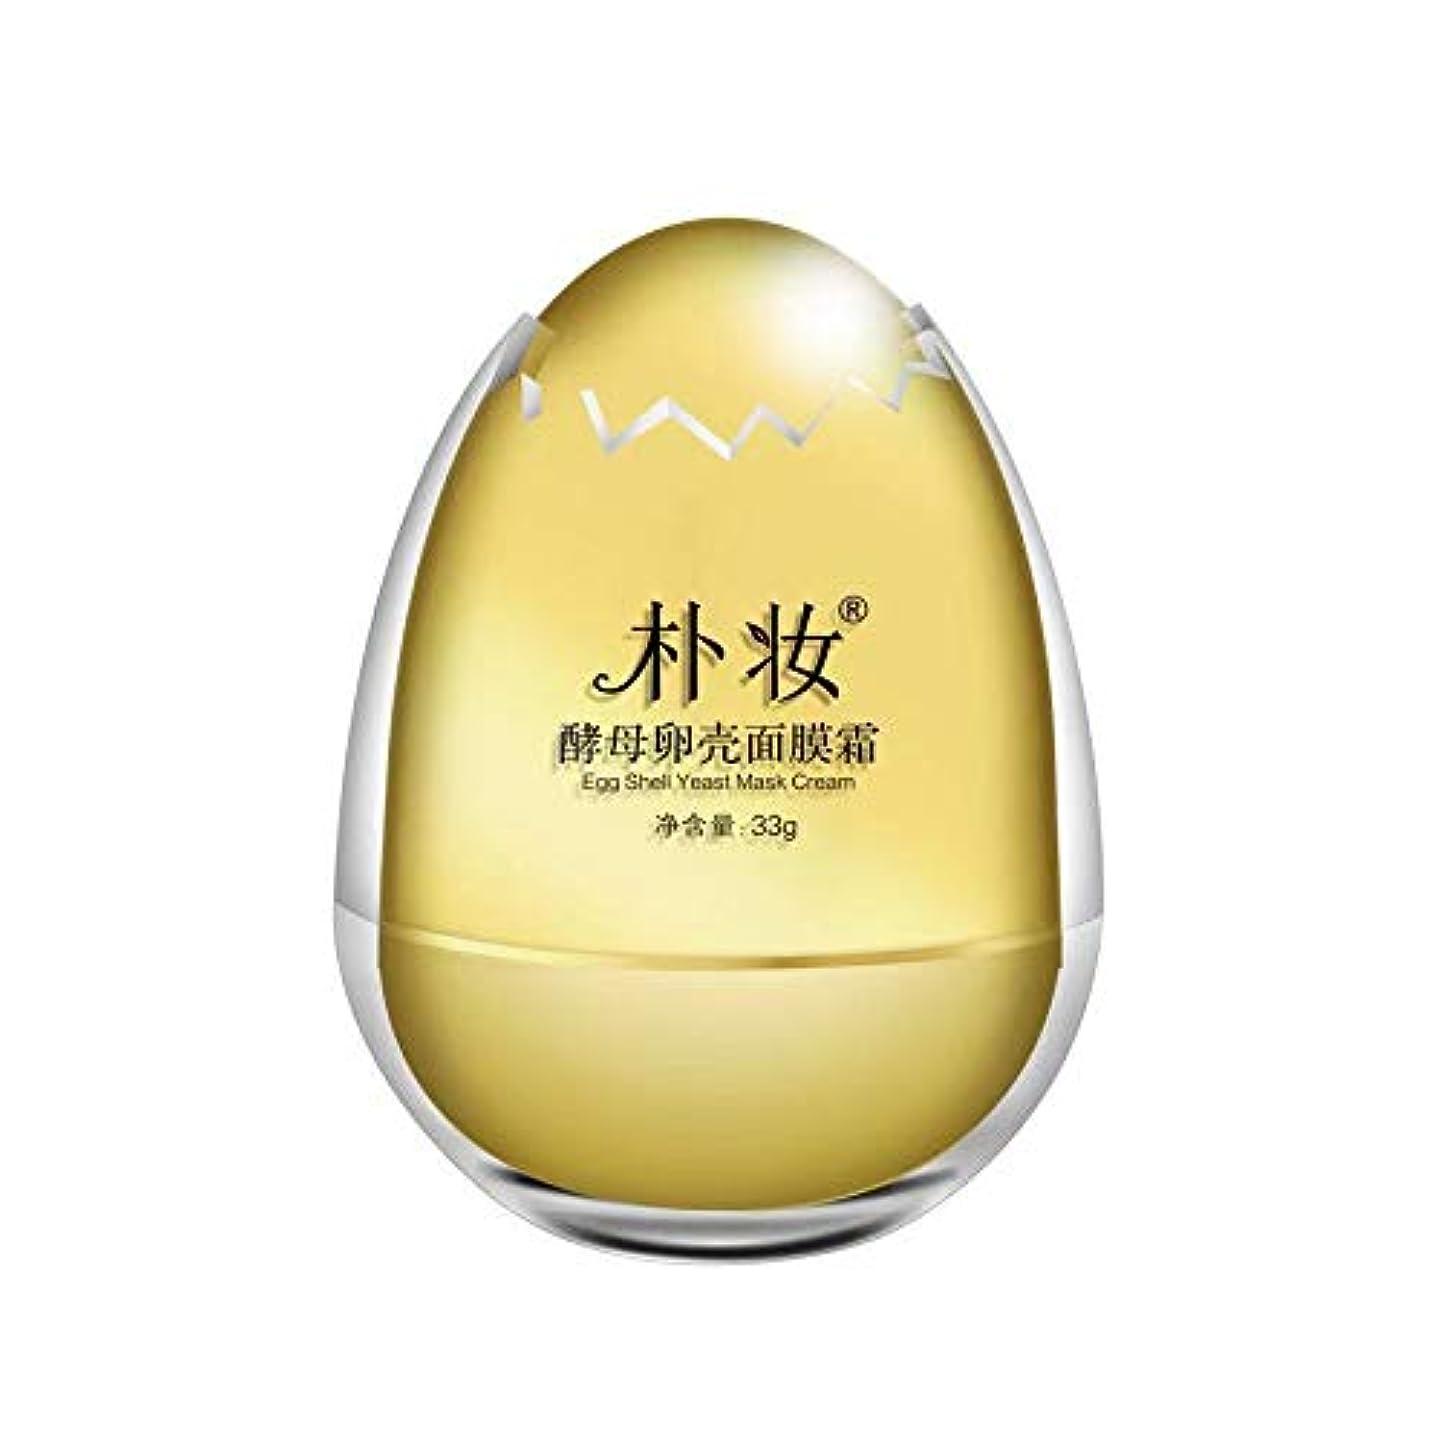 数学的な不公平火薬朴妆たんたんパック 酵母卵殻マスククリーム33g しっとりと た肌,シュリンクポア,しわ耐性,肌を引っ張る、